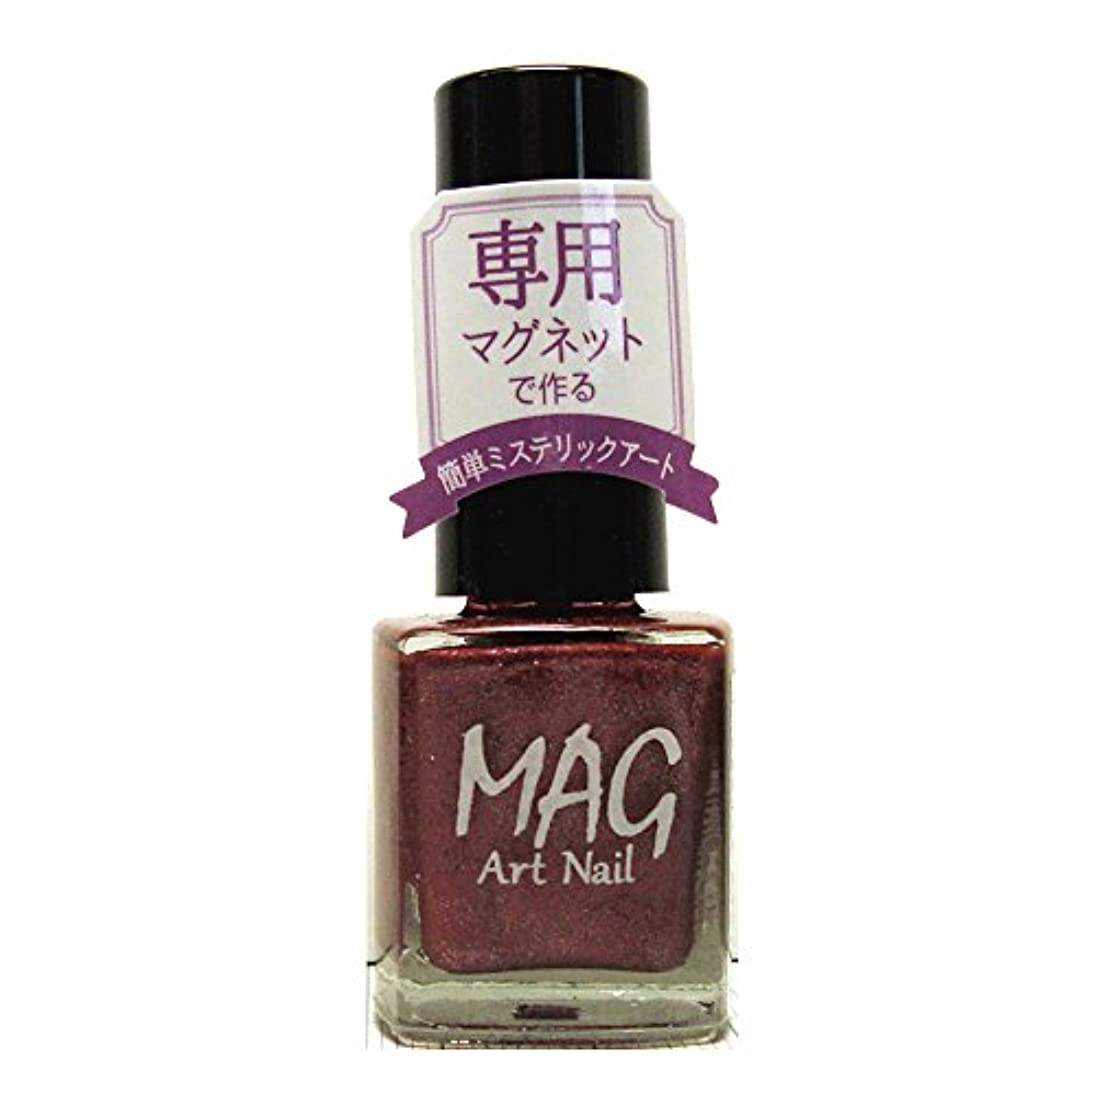 順応性のある最も遠い教えTMマグアートネイル(爪化粧料) TMMA1603 ノーブルカッパー